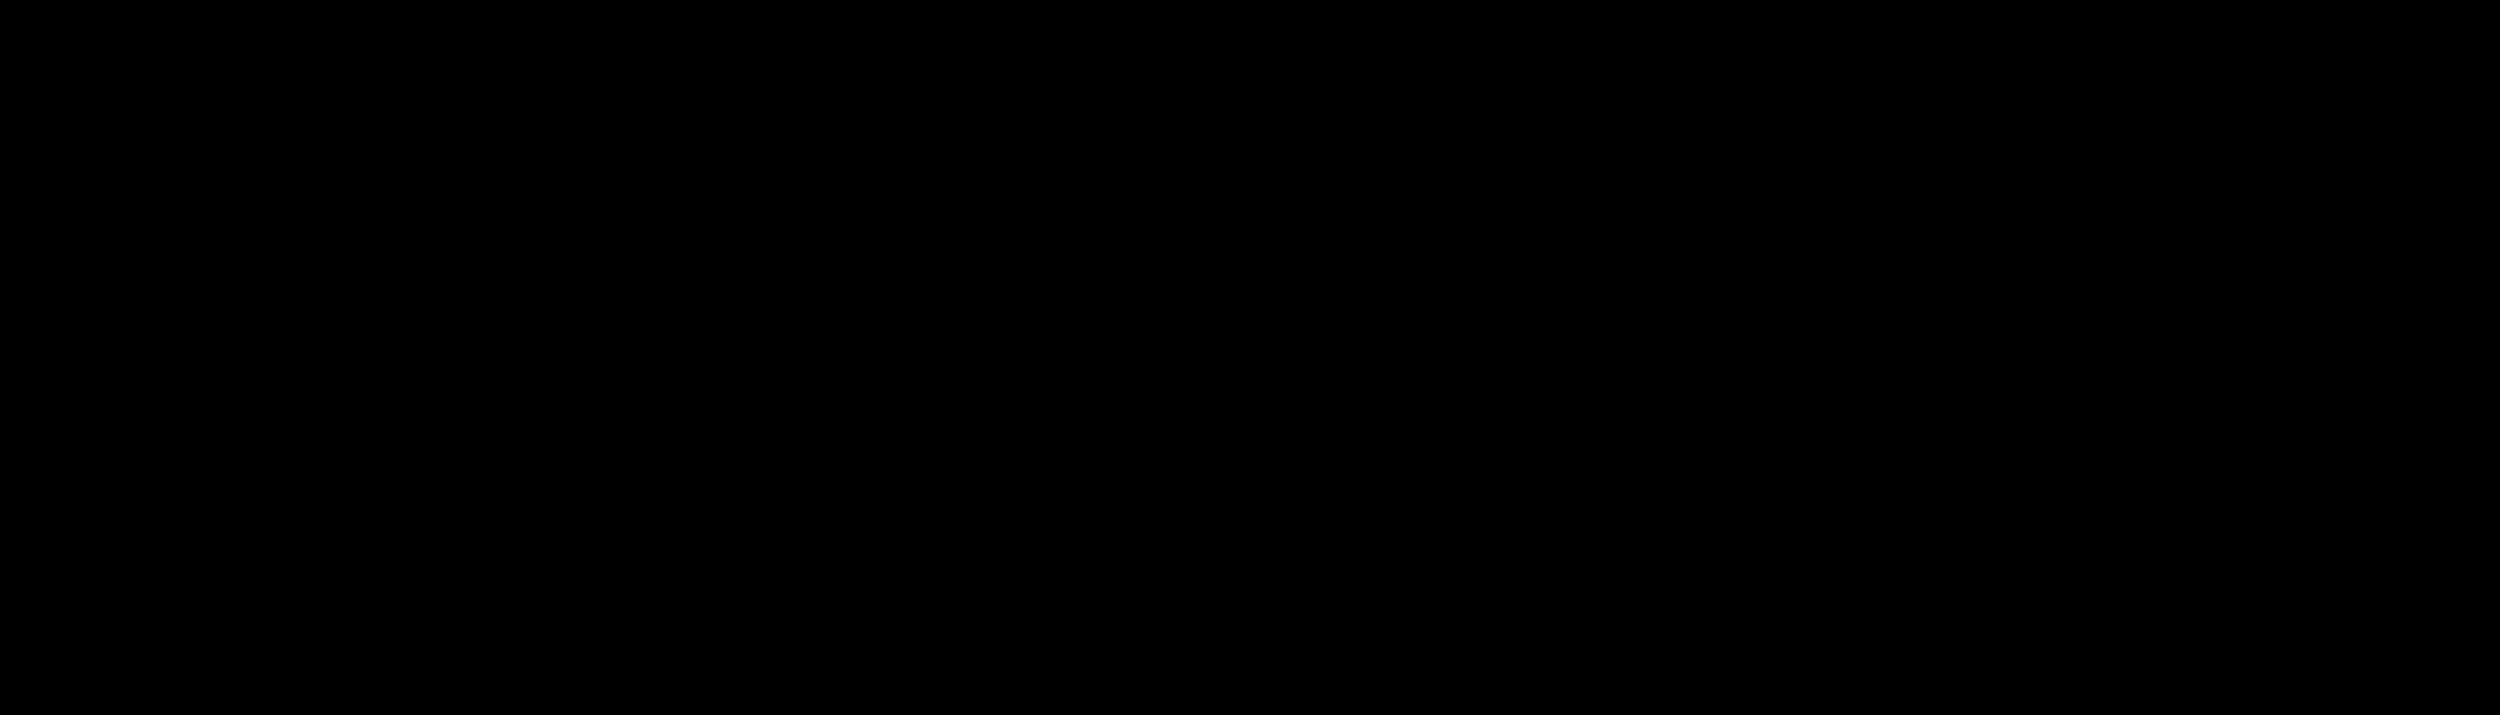 yvonneblacktransparent.png